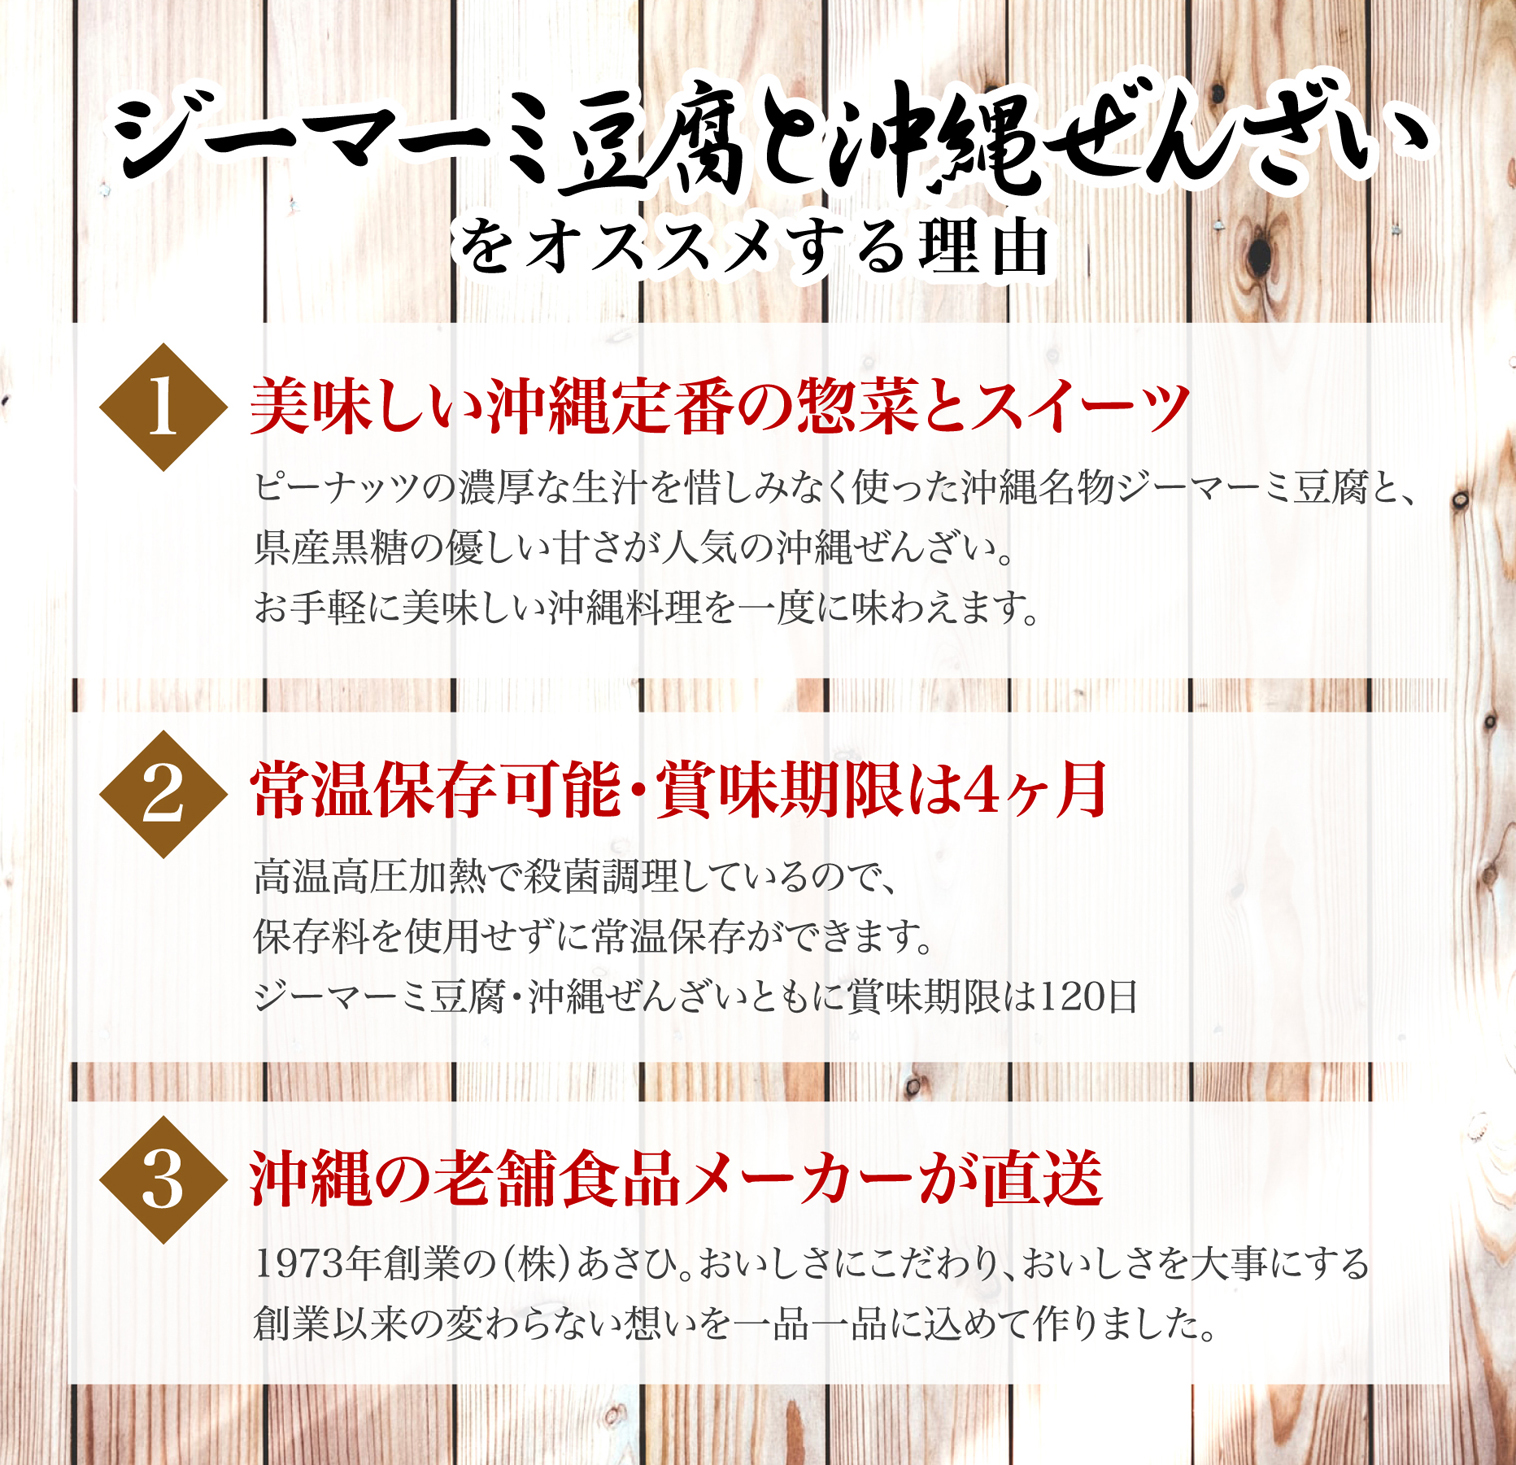 ジーマーミ豆腐と沖縄ぜんざい オススメバナー